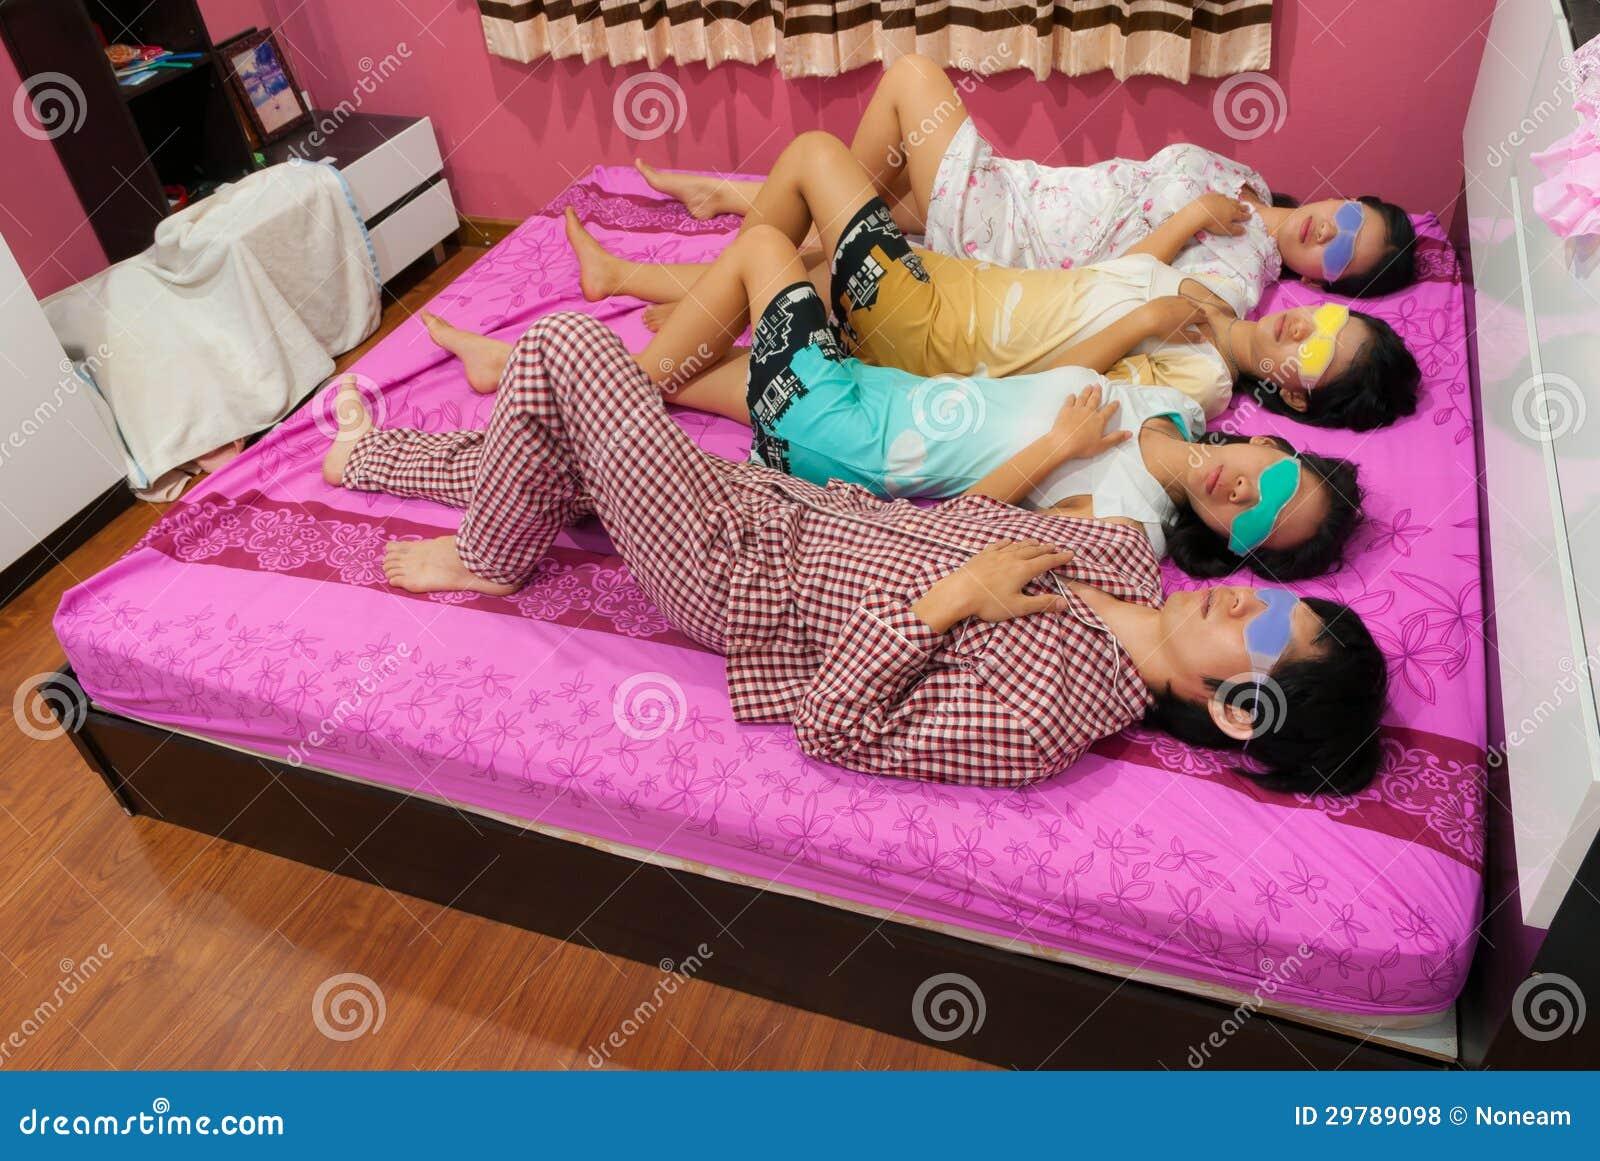 thailändische Mädchen im Bett